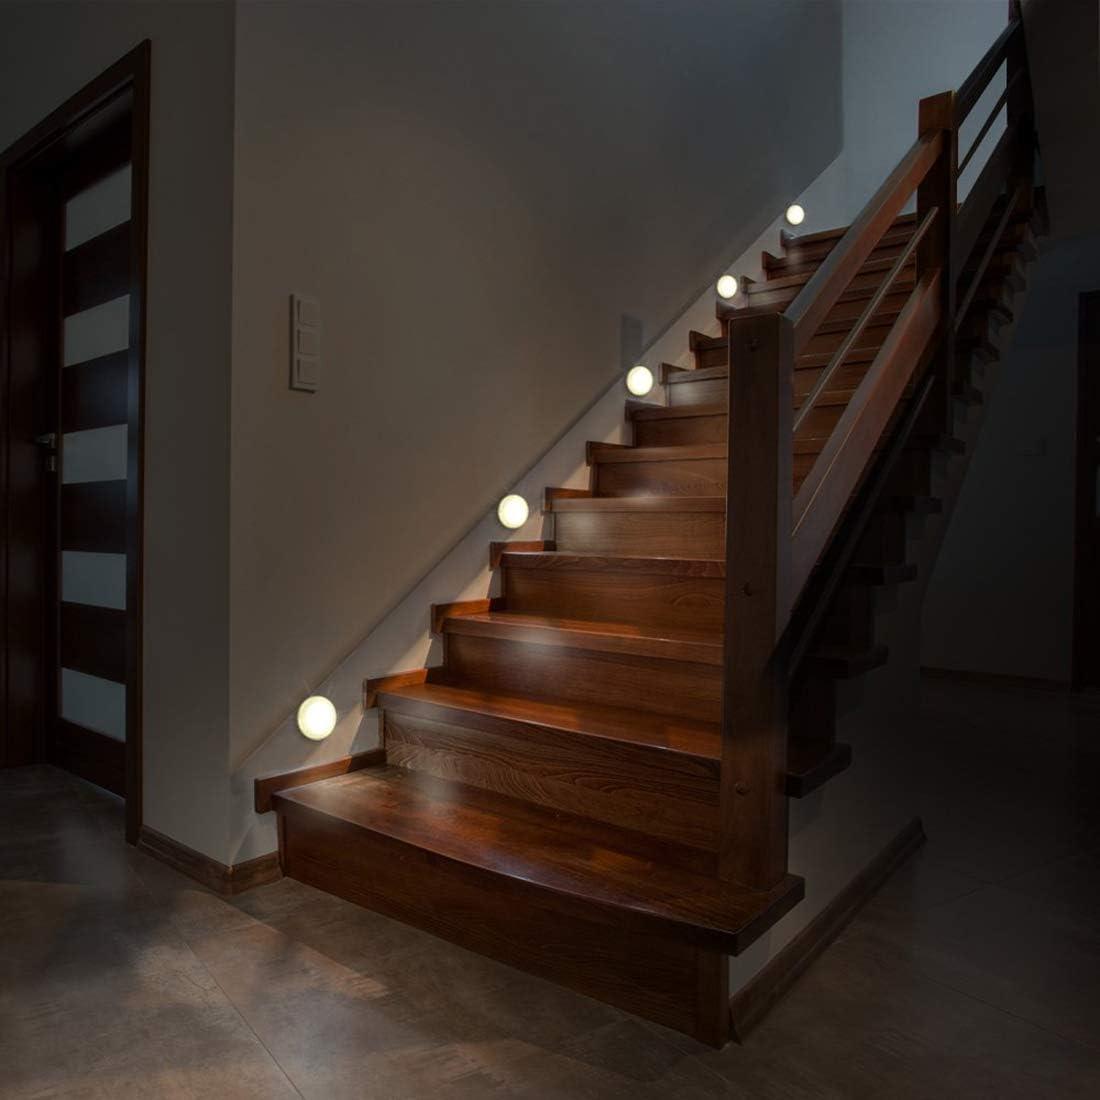 Sensor de movimiento de luz nocturna LED alimentada por batería, luces de escalera, clóset, iluminación debajo del gabinete, lámpara para casa, cocina, pasillo, armario, escaleras, baño, paquete de 3: Amazon.es: Iluminación